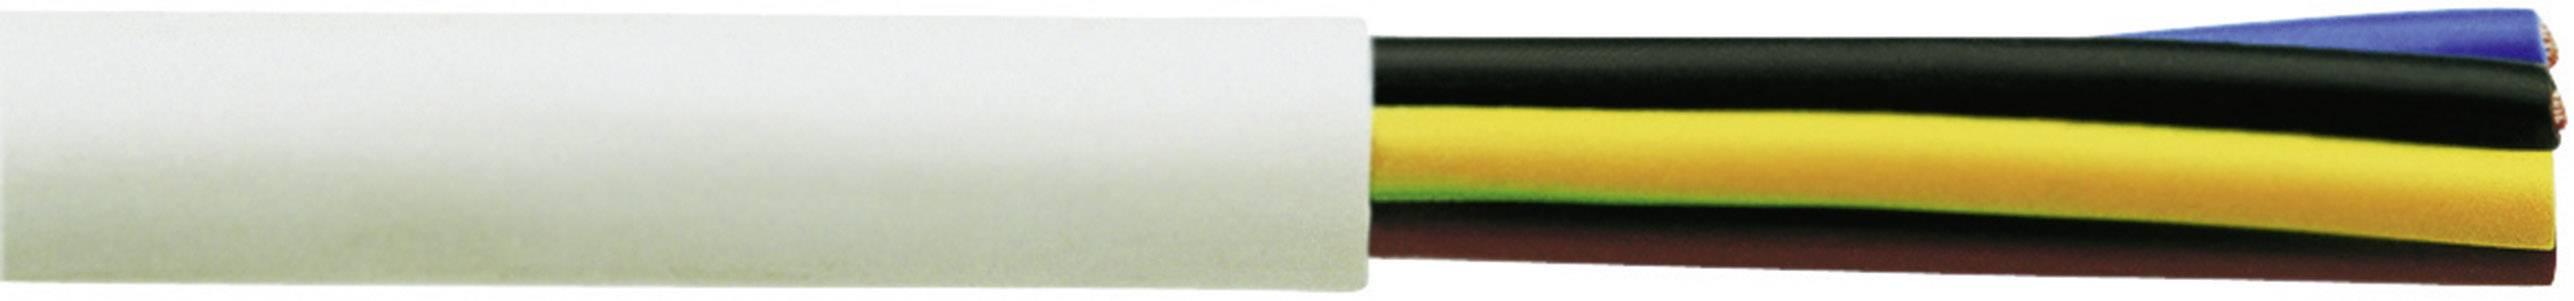 Vícežílový kabel Faber Kabel H05VV-F, 030031, 5 G 2.50 mm², bílá, metrové zboží